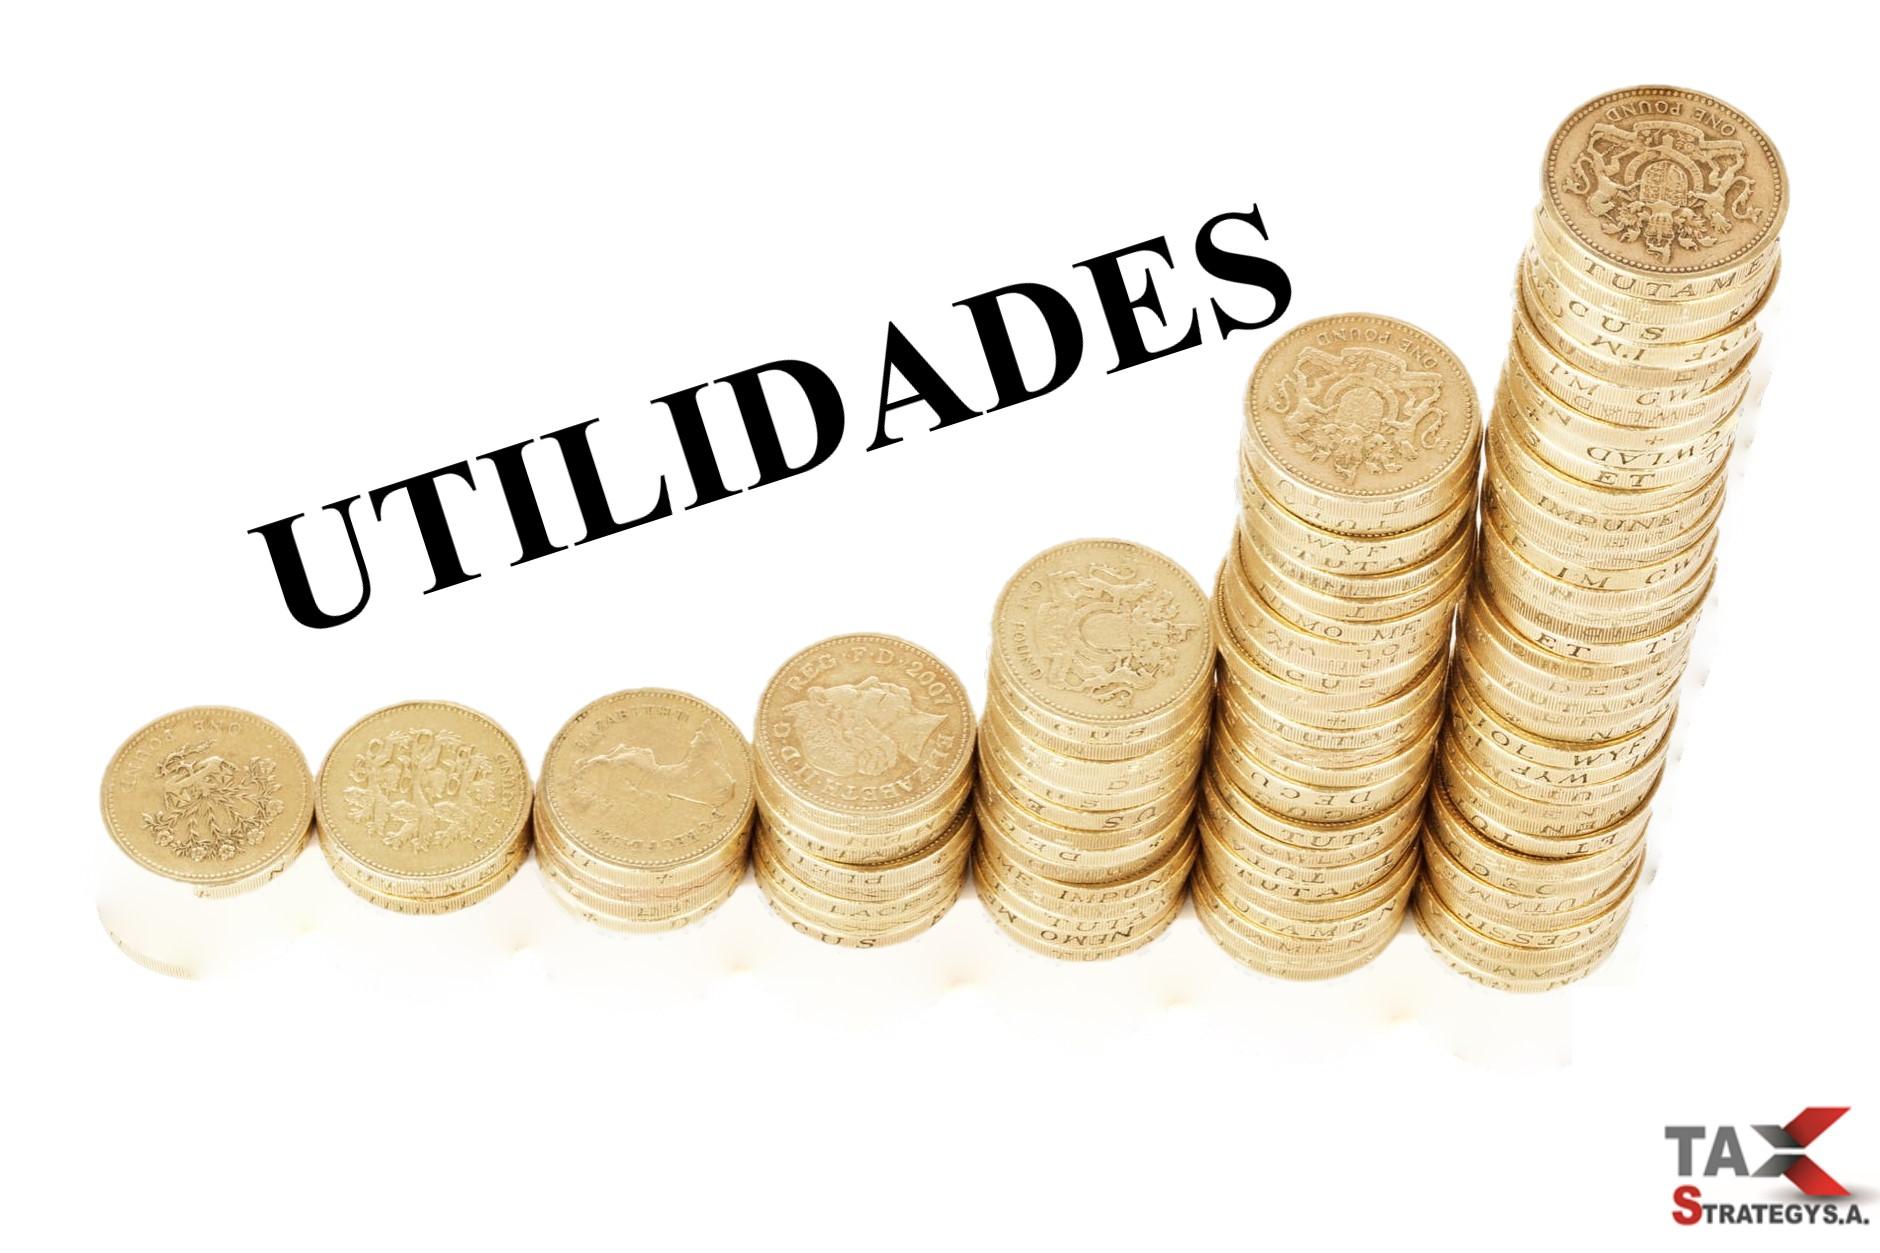 INSTRUCTIVO EN CASO DE UTILIDADES NO COBRADAS POR EL TRABAJADOR O EX TRABAJADOR - TAXSTRATEGY S.A.